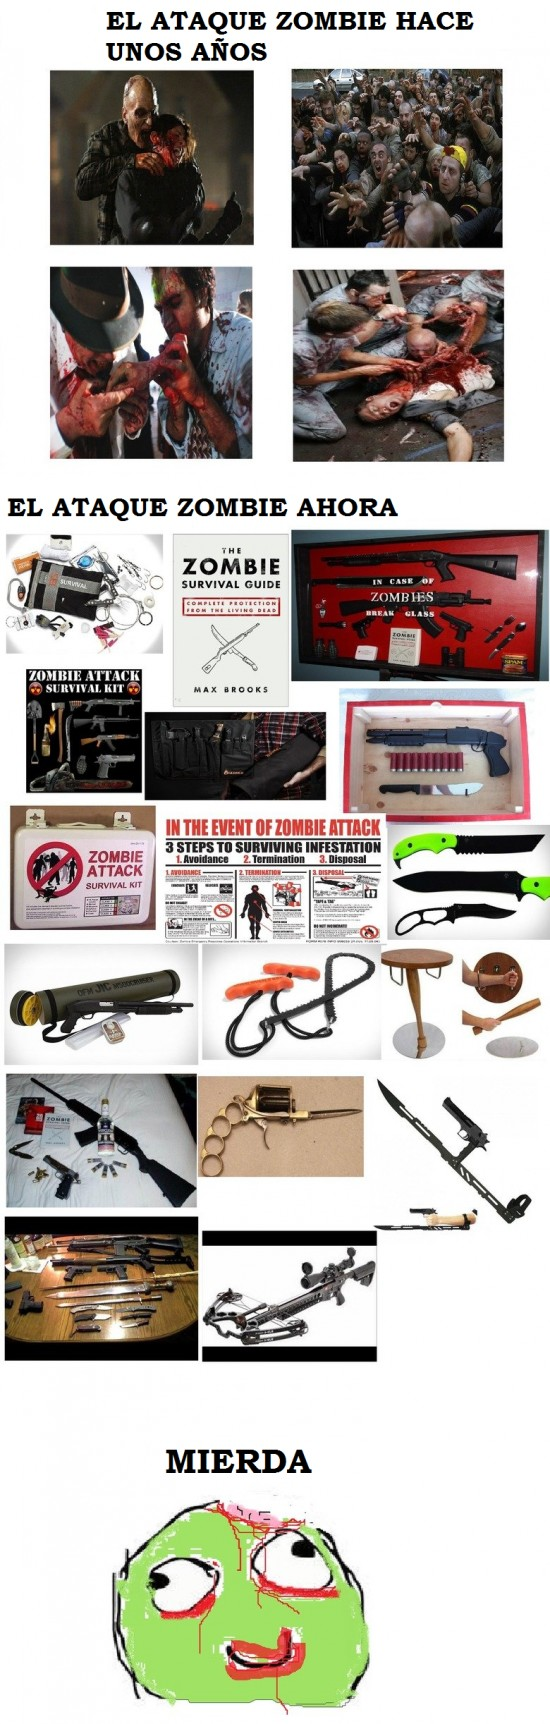 ahora,antes,armas,retarded,zombie